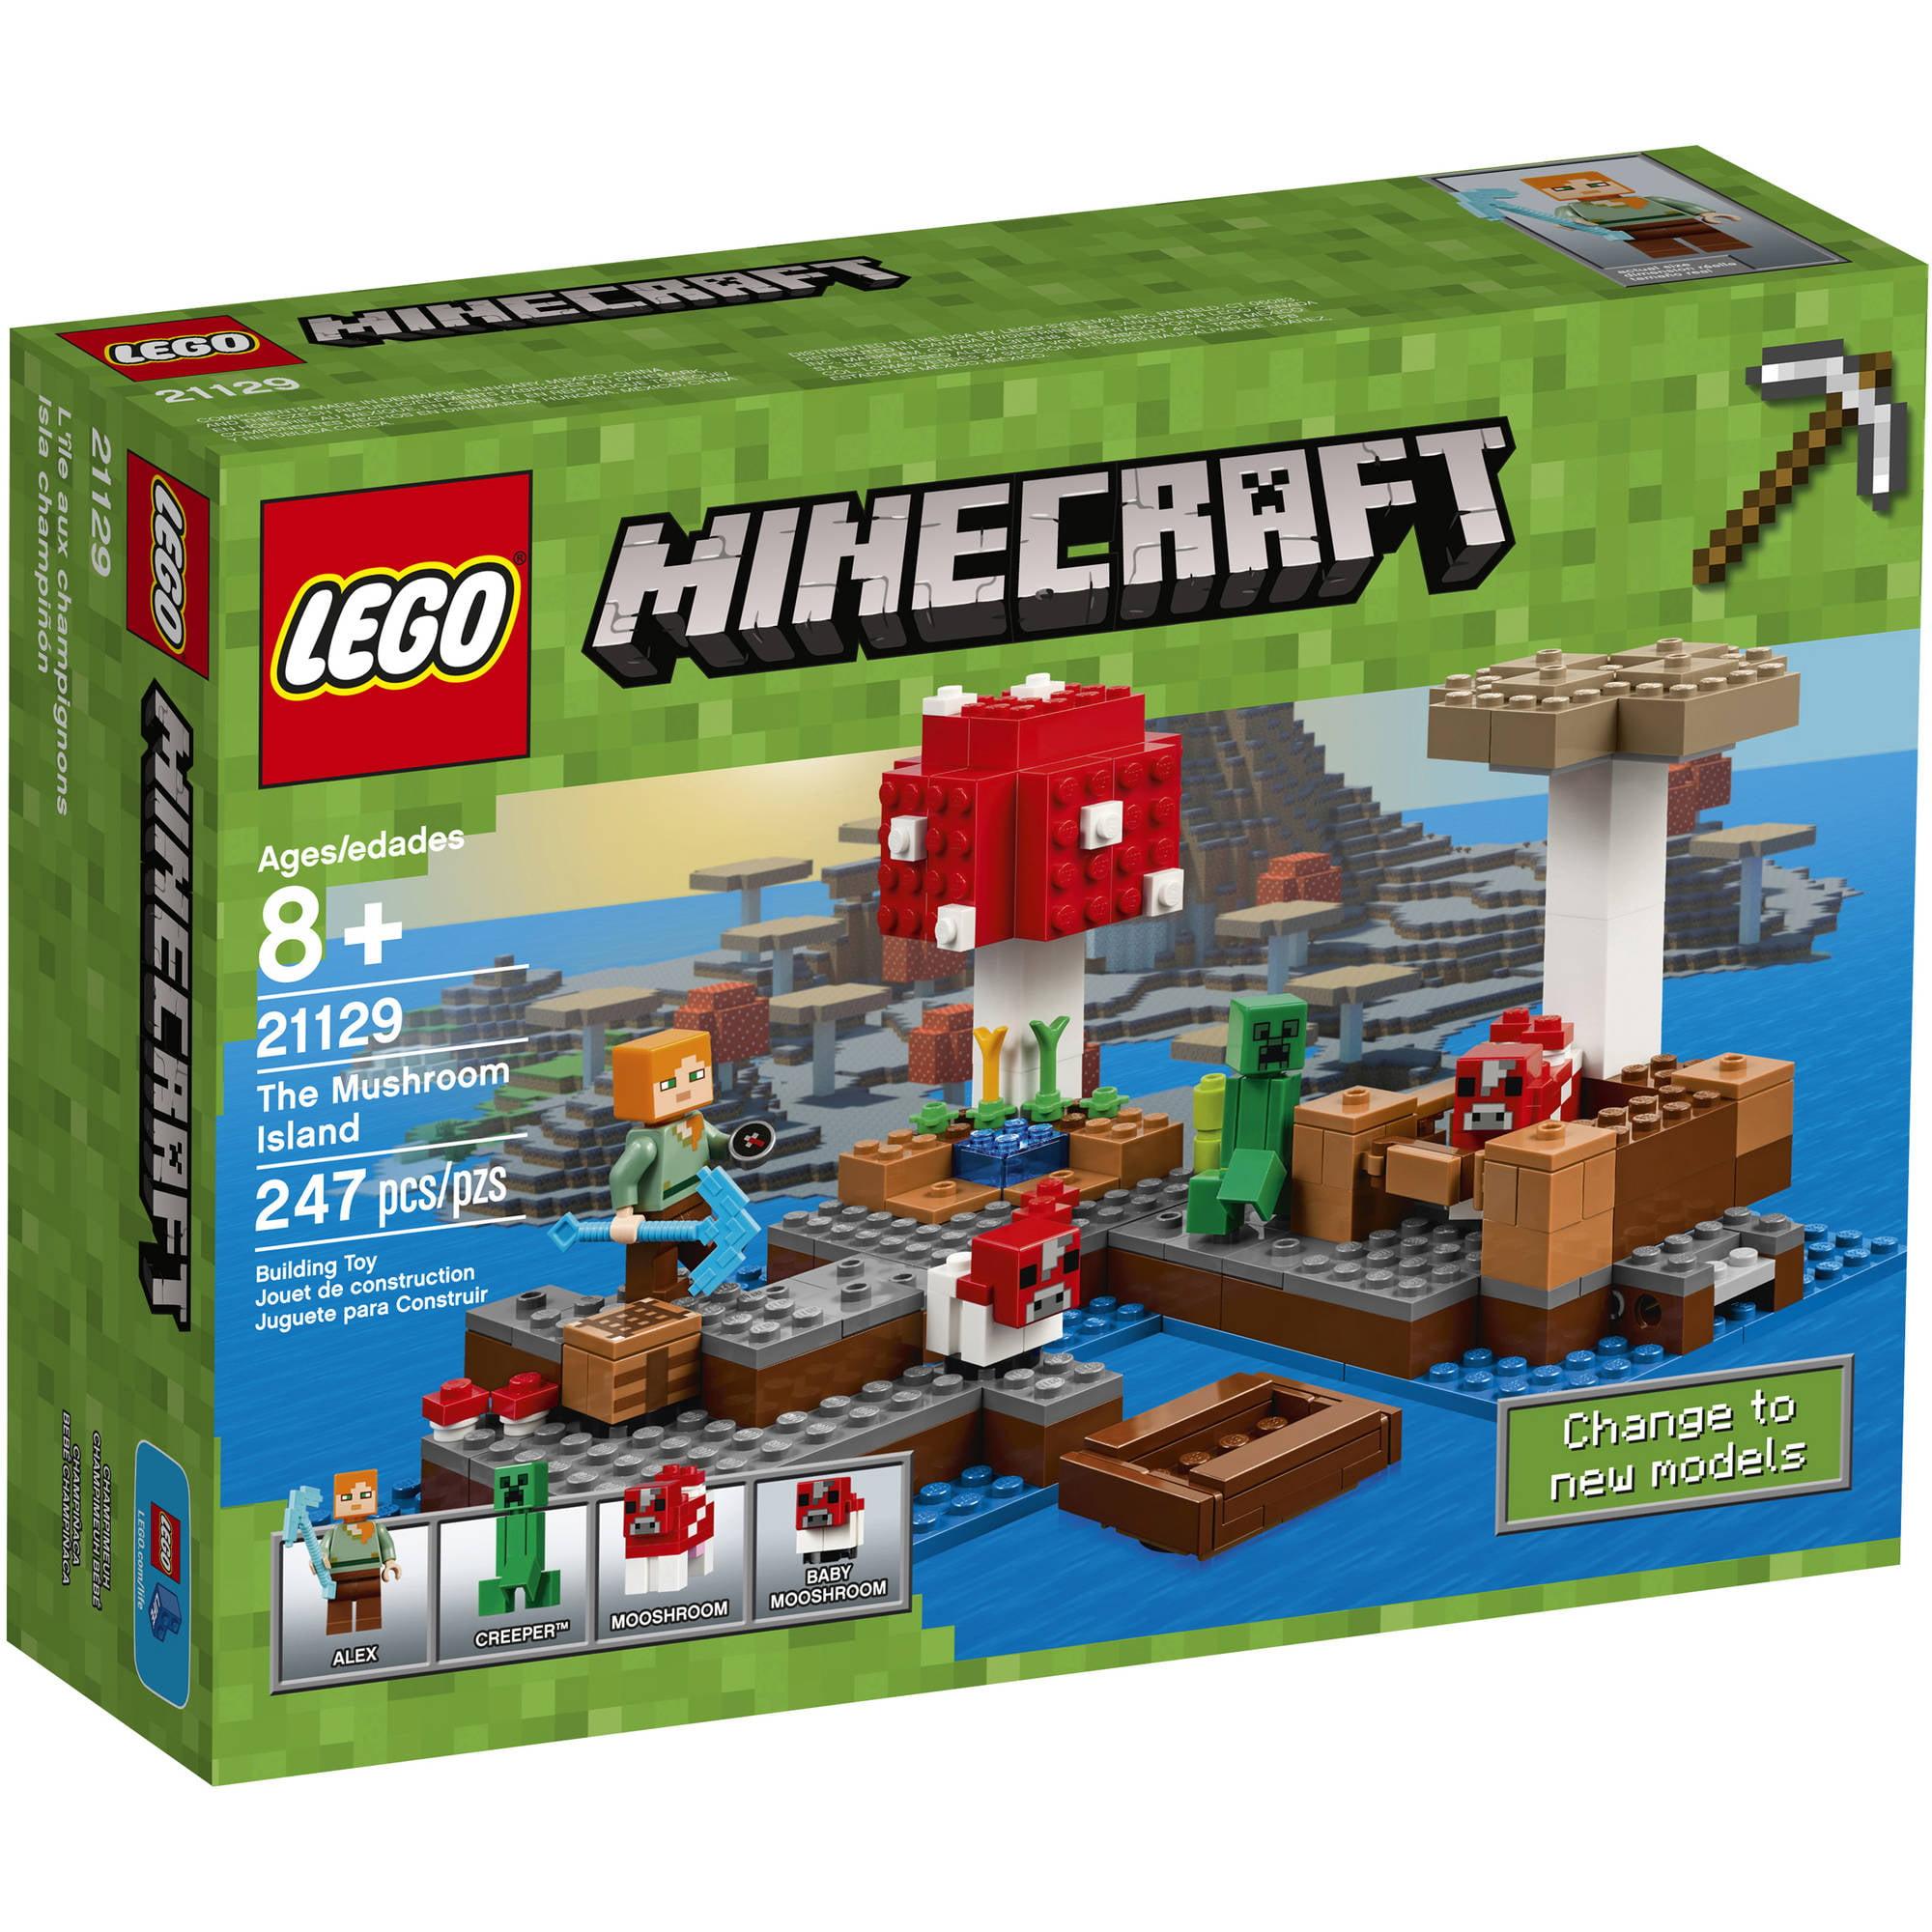 Lego Minecraft The Mushroom Island (21129) by LEGO Systems Inc